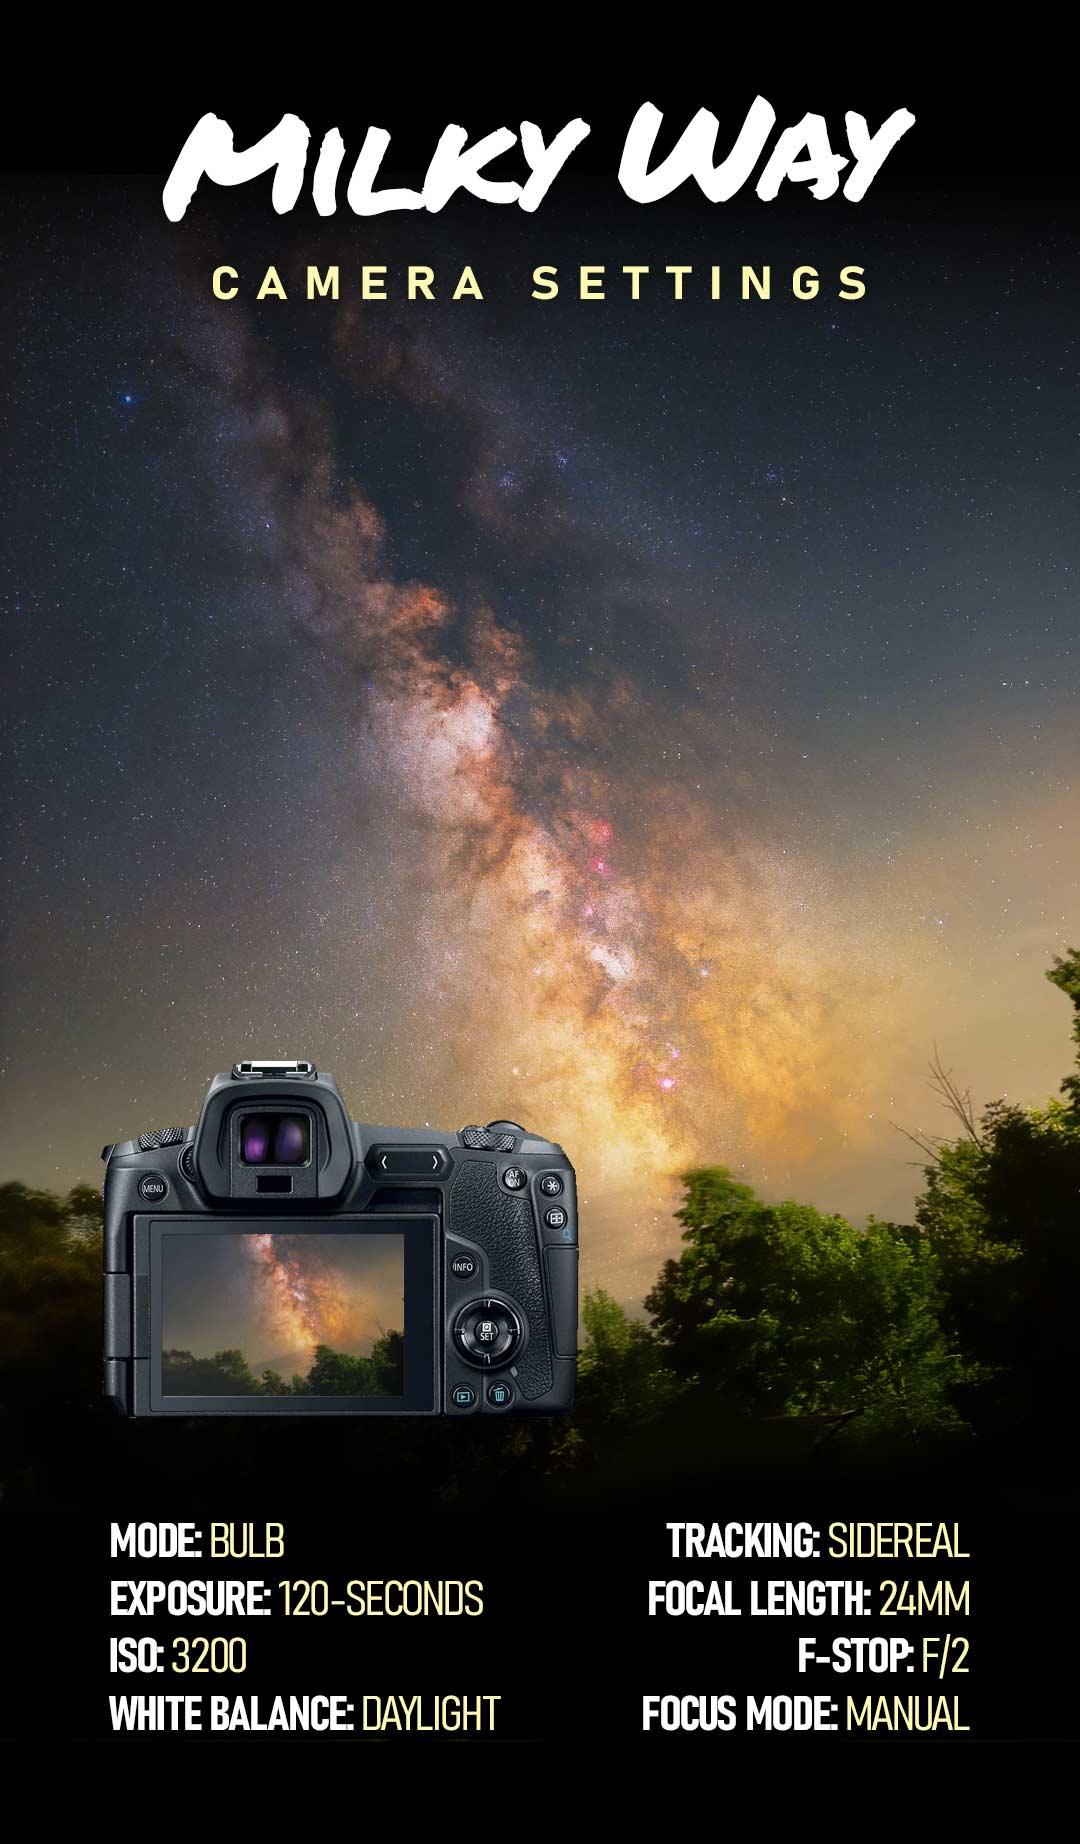 Milky Way Camera Settings